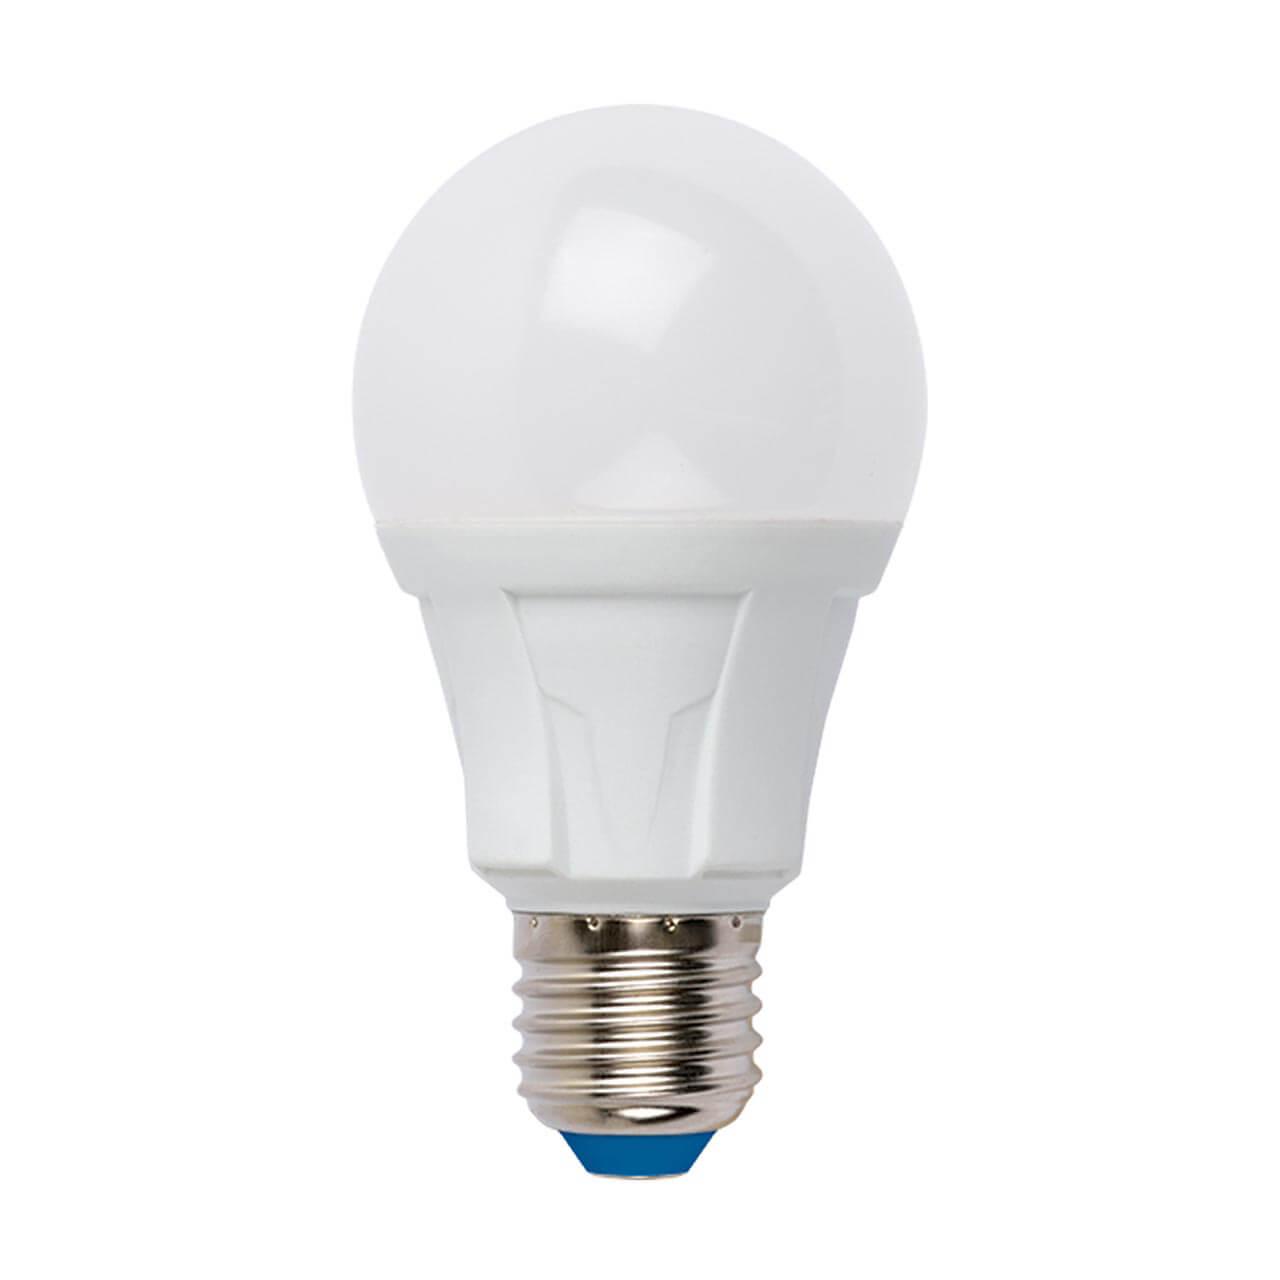 Лампа светодиодная (UL-00005036) E27 18W 3000K матовая LED-A60 18W/3000K/E27/FR PLP01WH цена